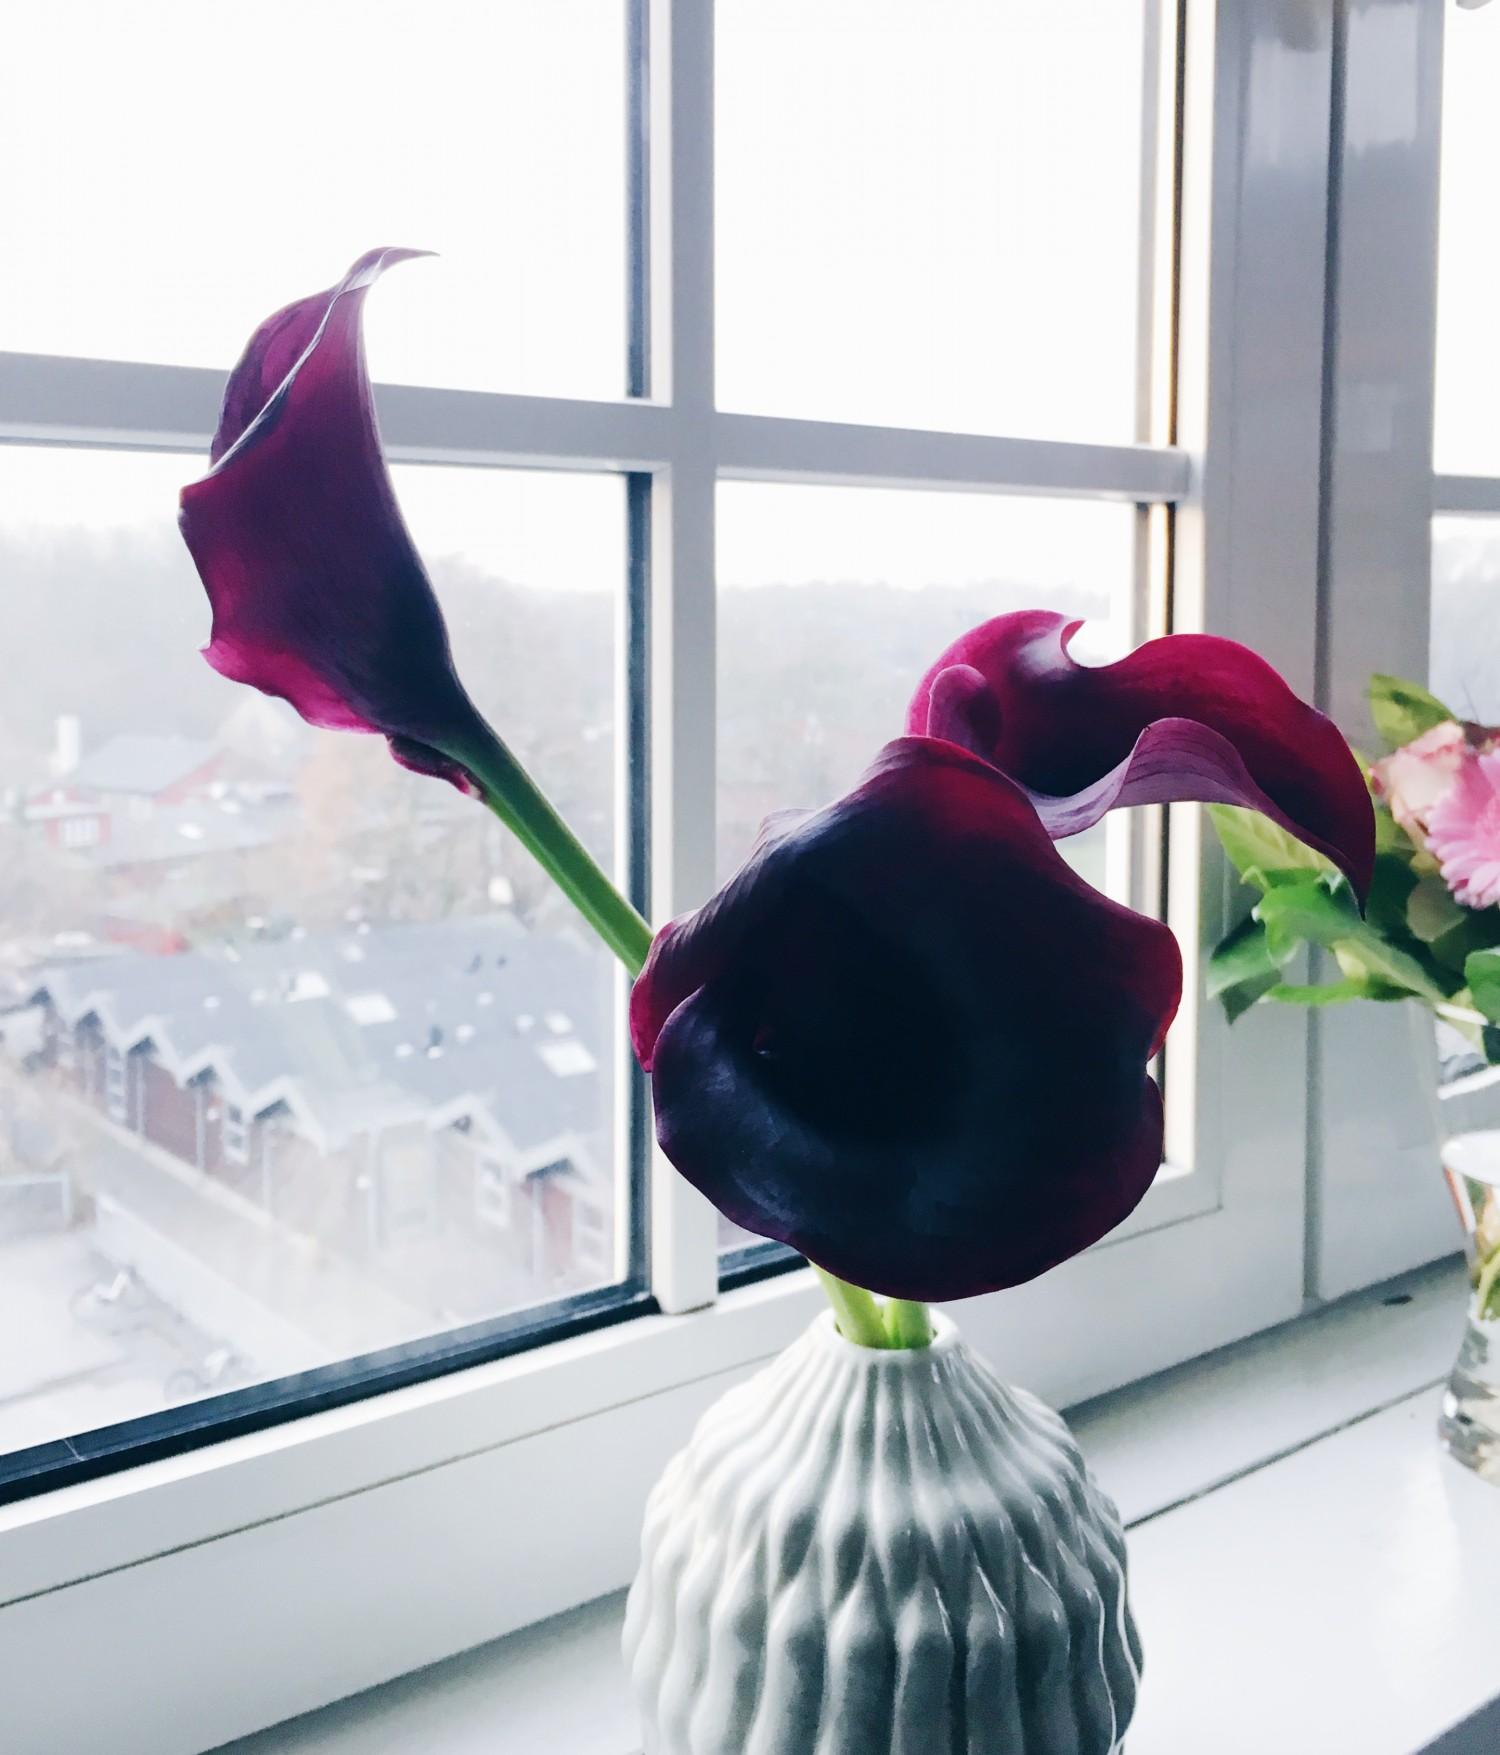 mørk lilla kala